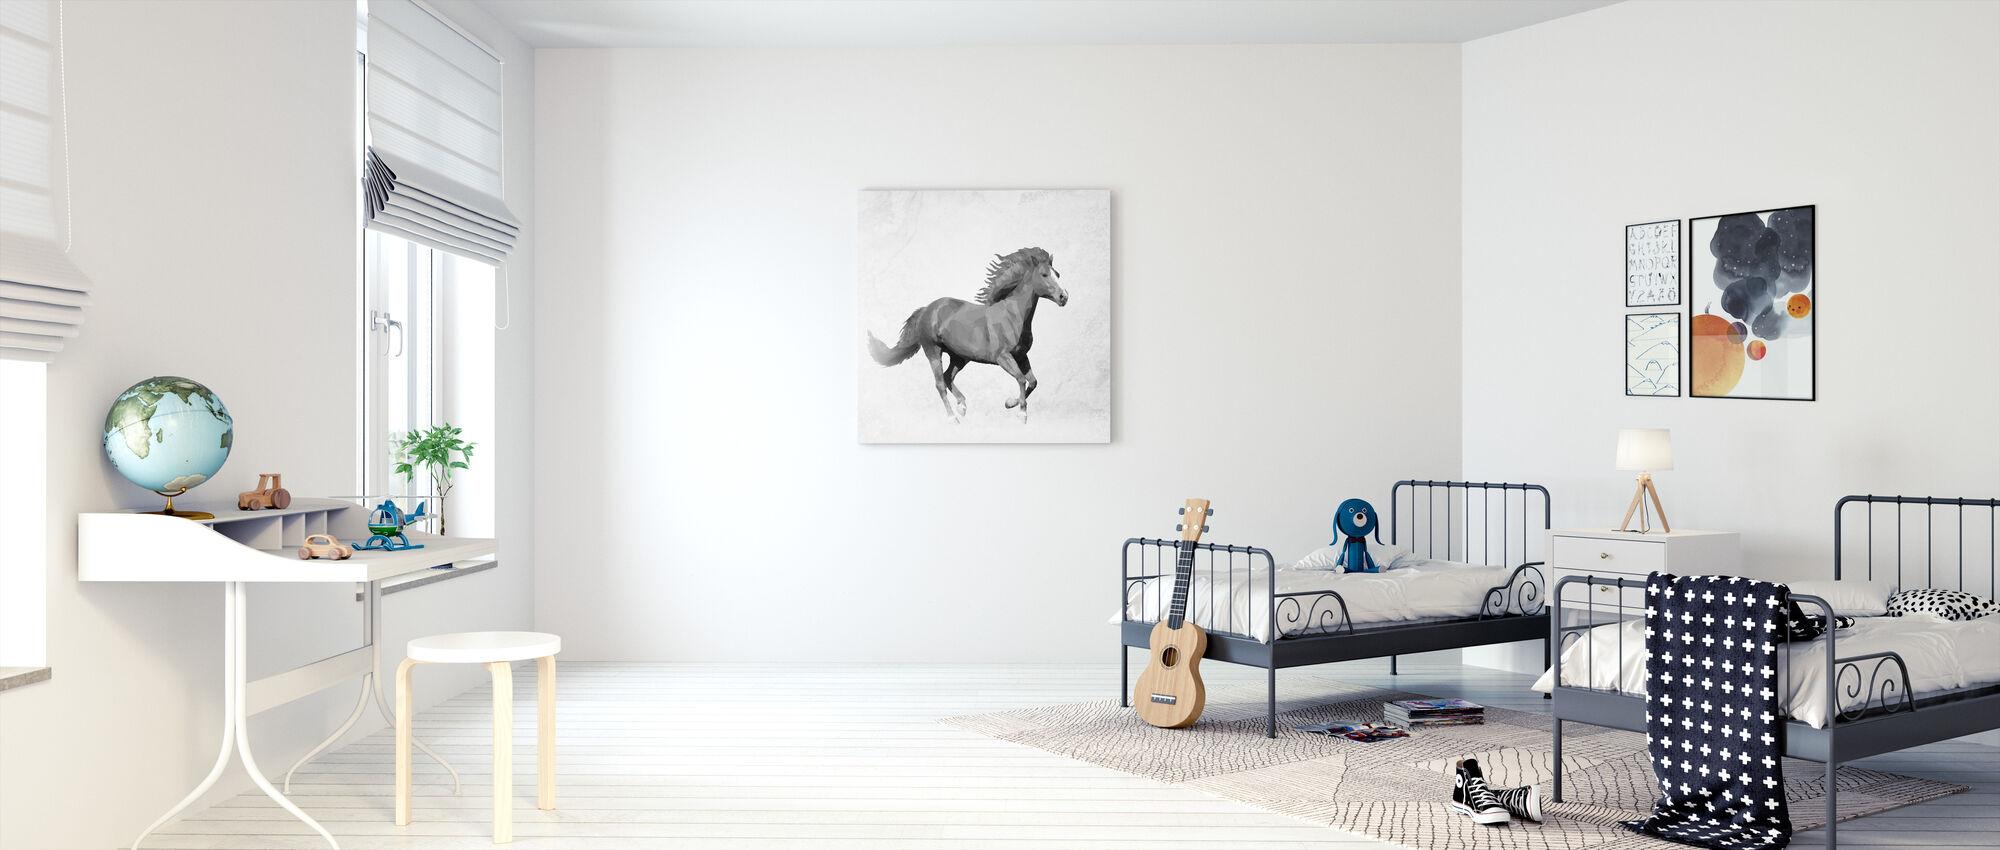 Veelhoek Horsy Zwart - Canvas print - Kinderkamer